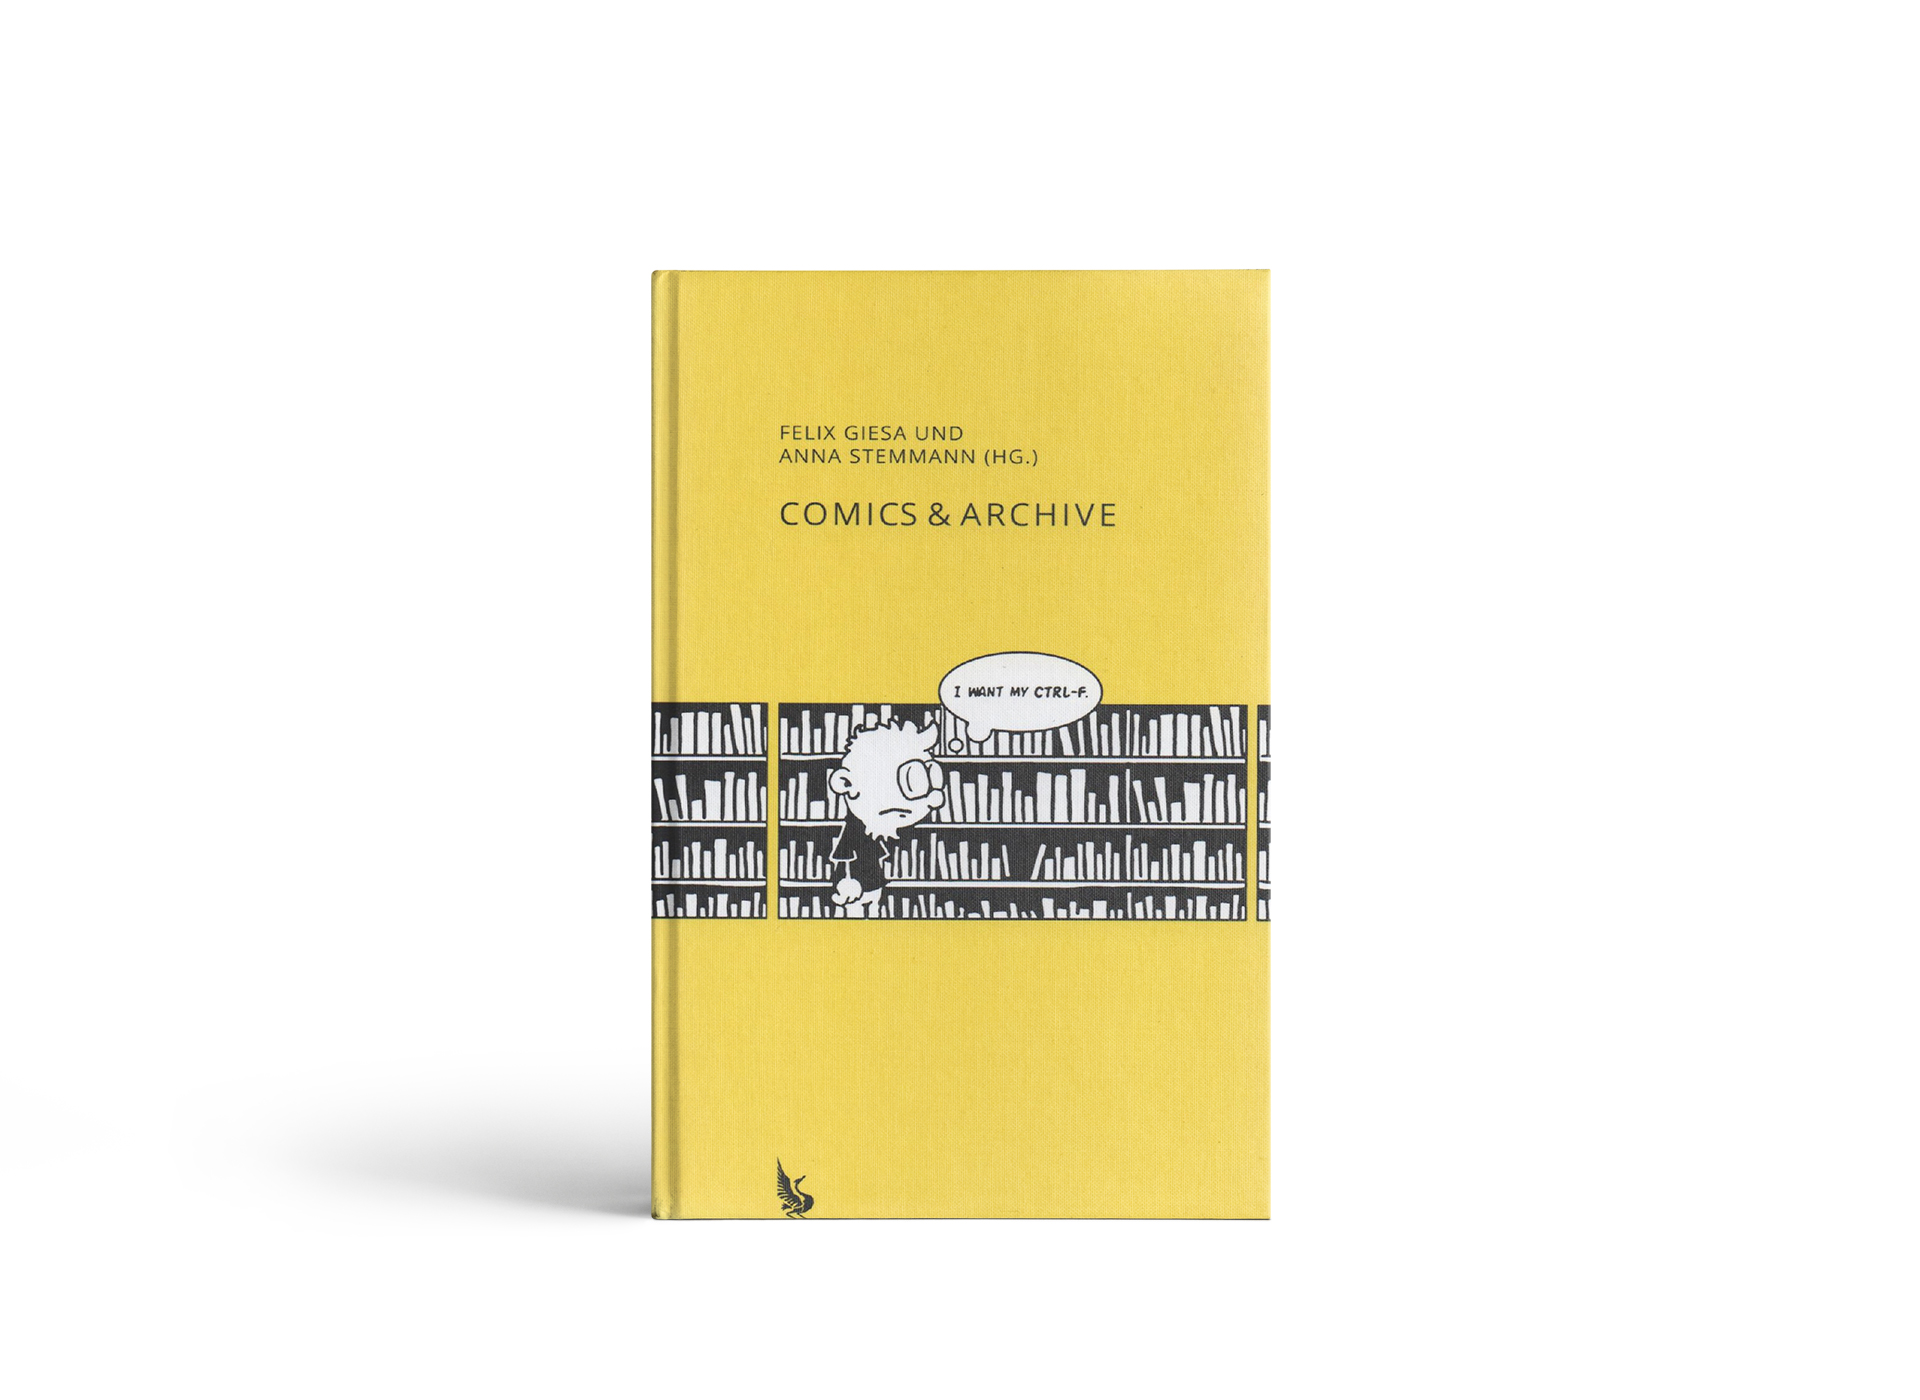 Buchcover: Der Comic, das Archiv und das Populäre